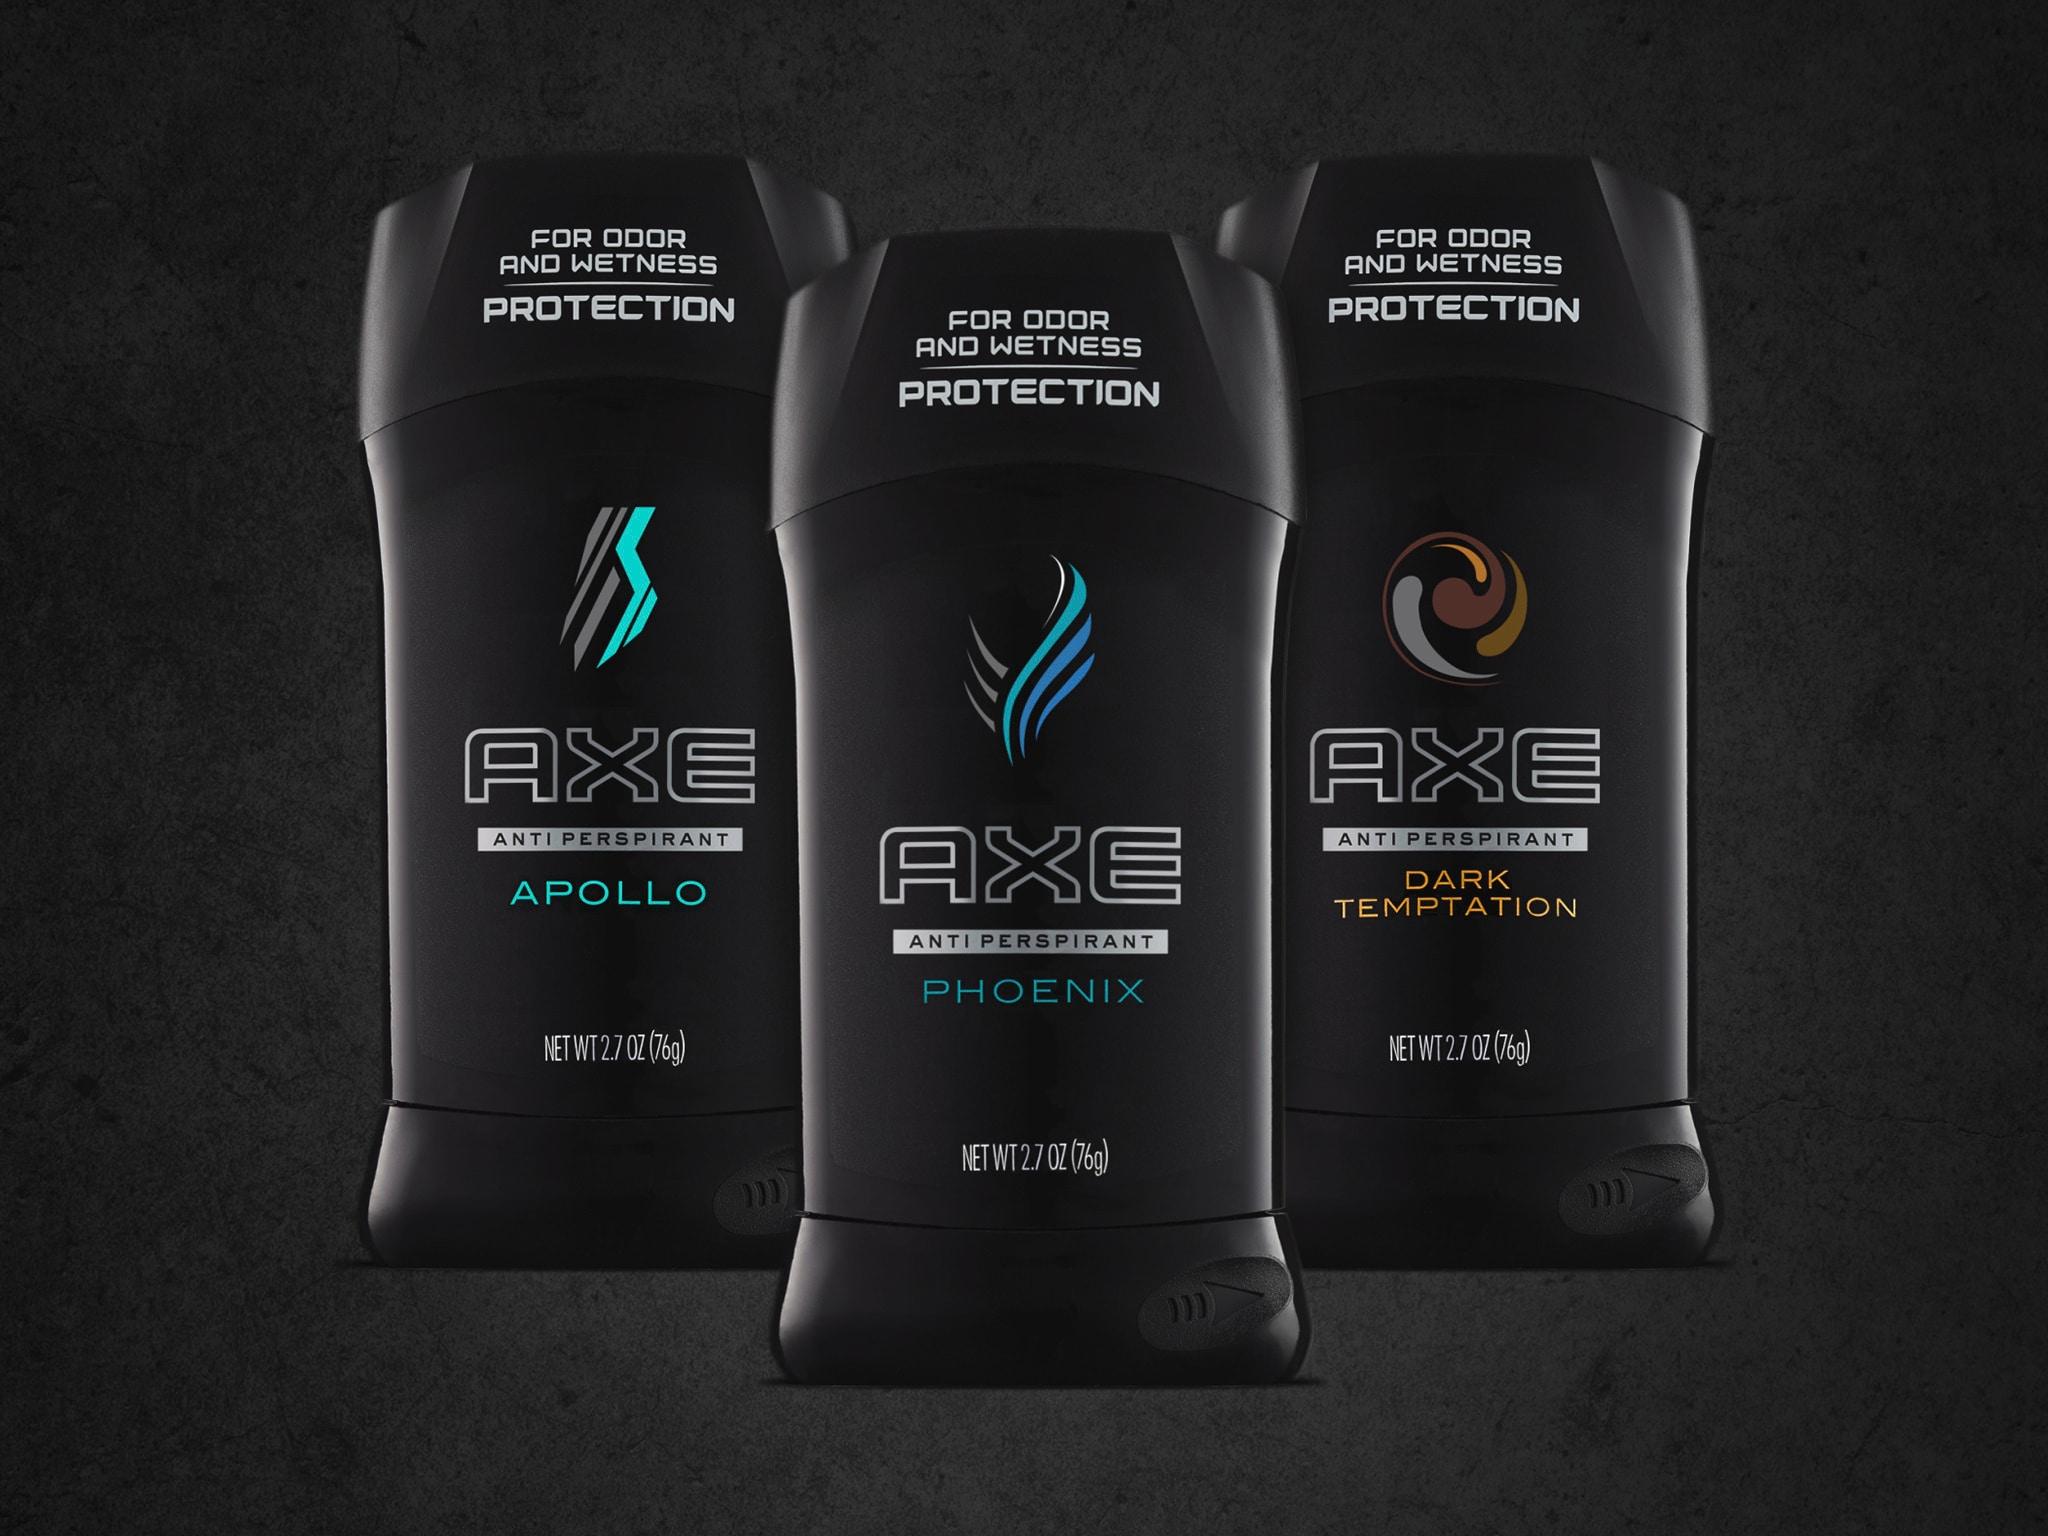 Axe black antiperspirant sticks